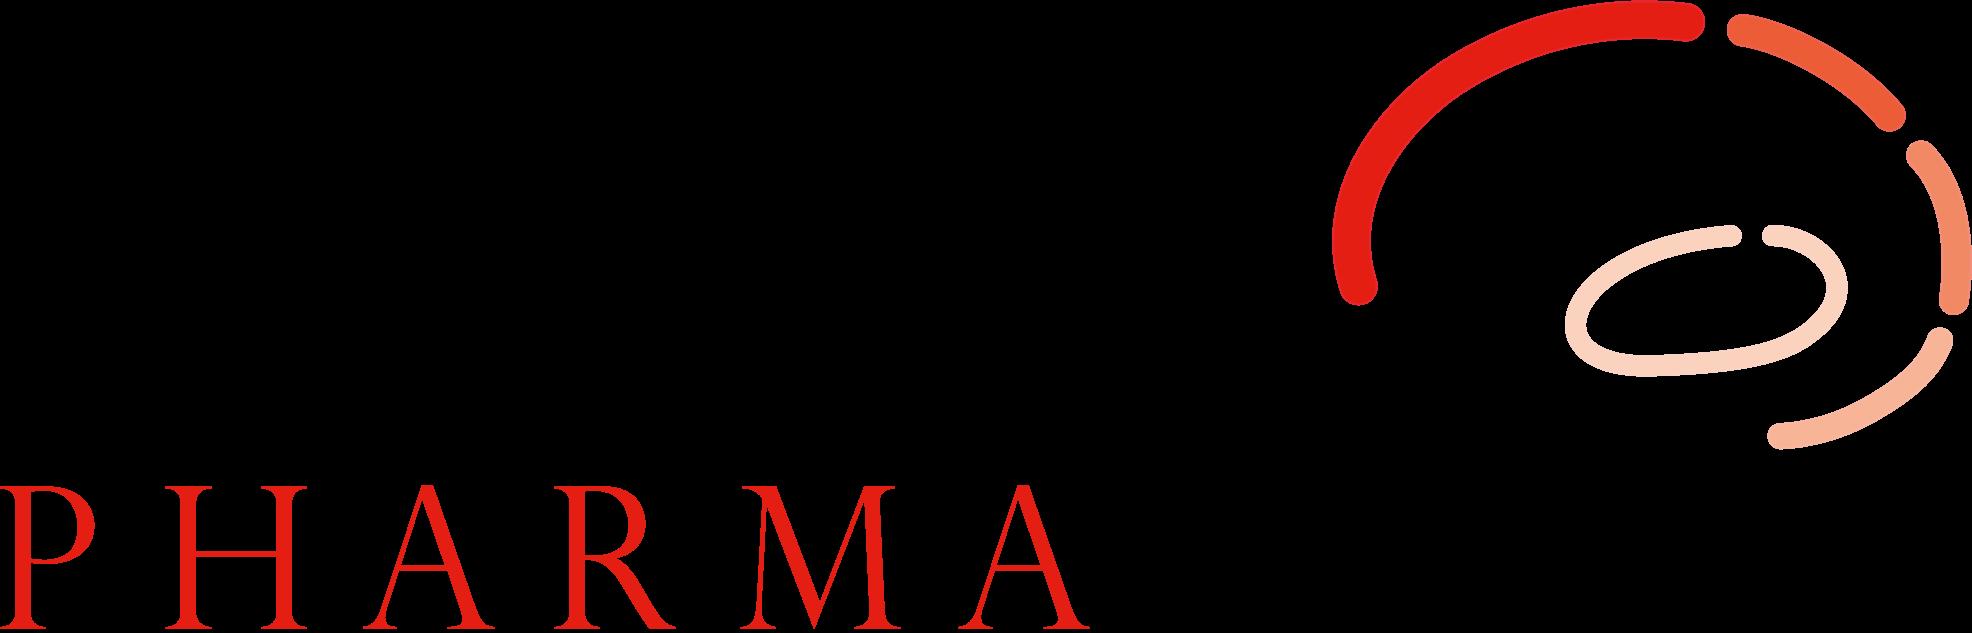 Pharmabrain Logo